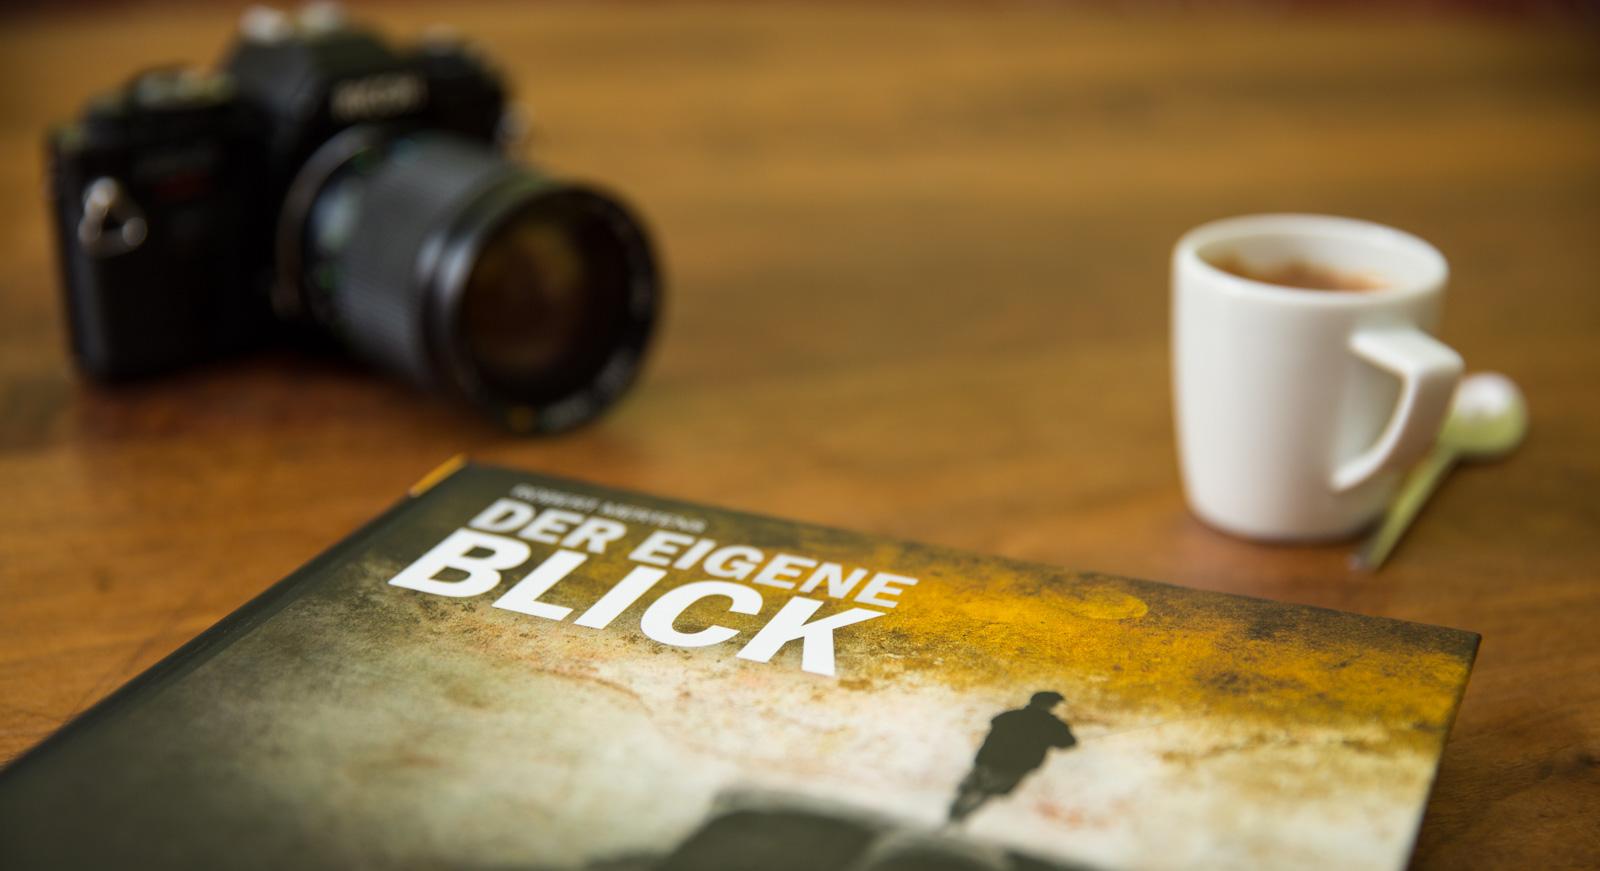 Robert Mertens - Der eigene Blick